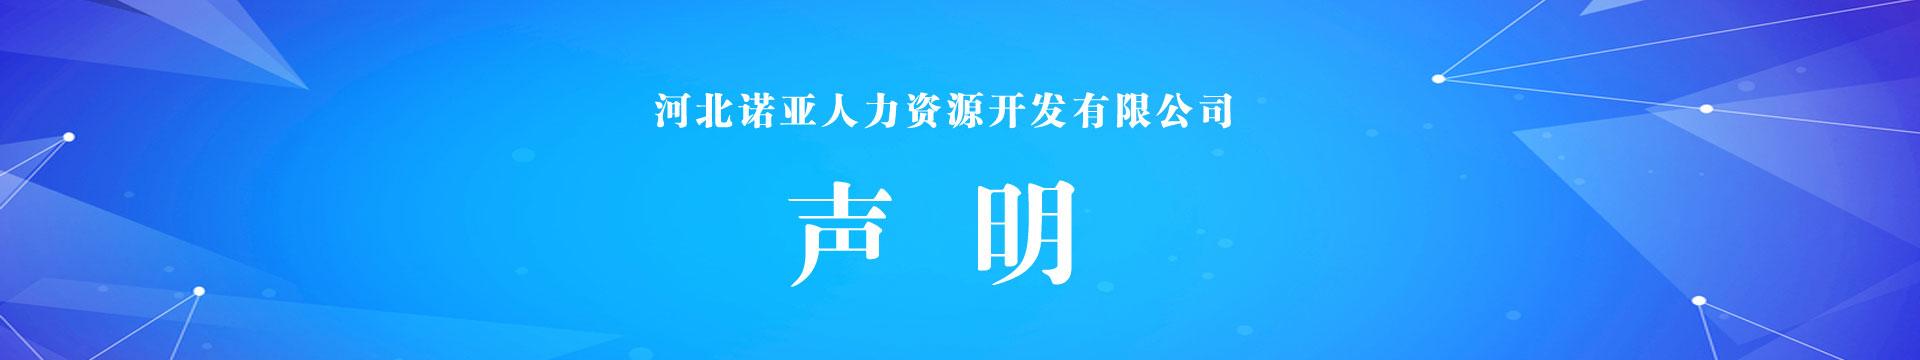 河北諾亞人力資源開發有限公司聲明